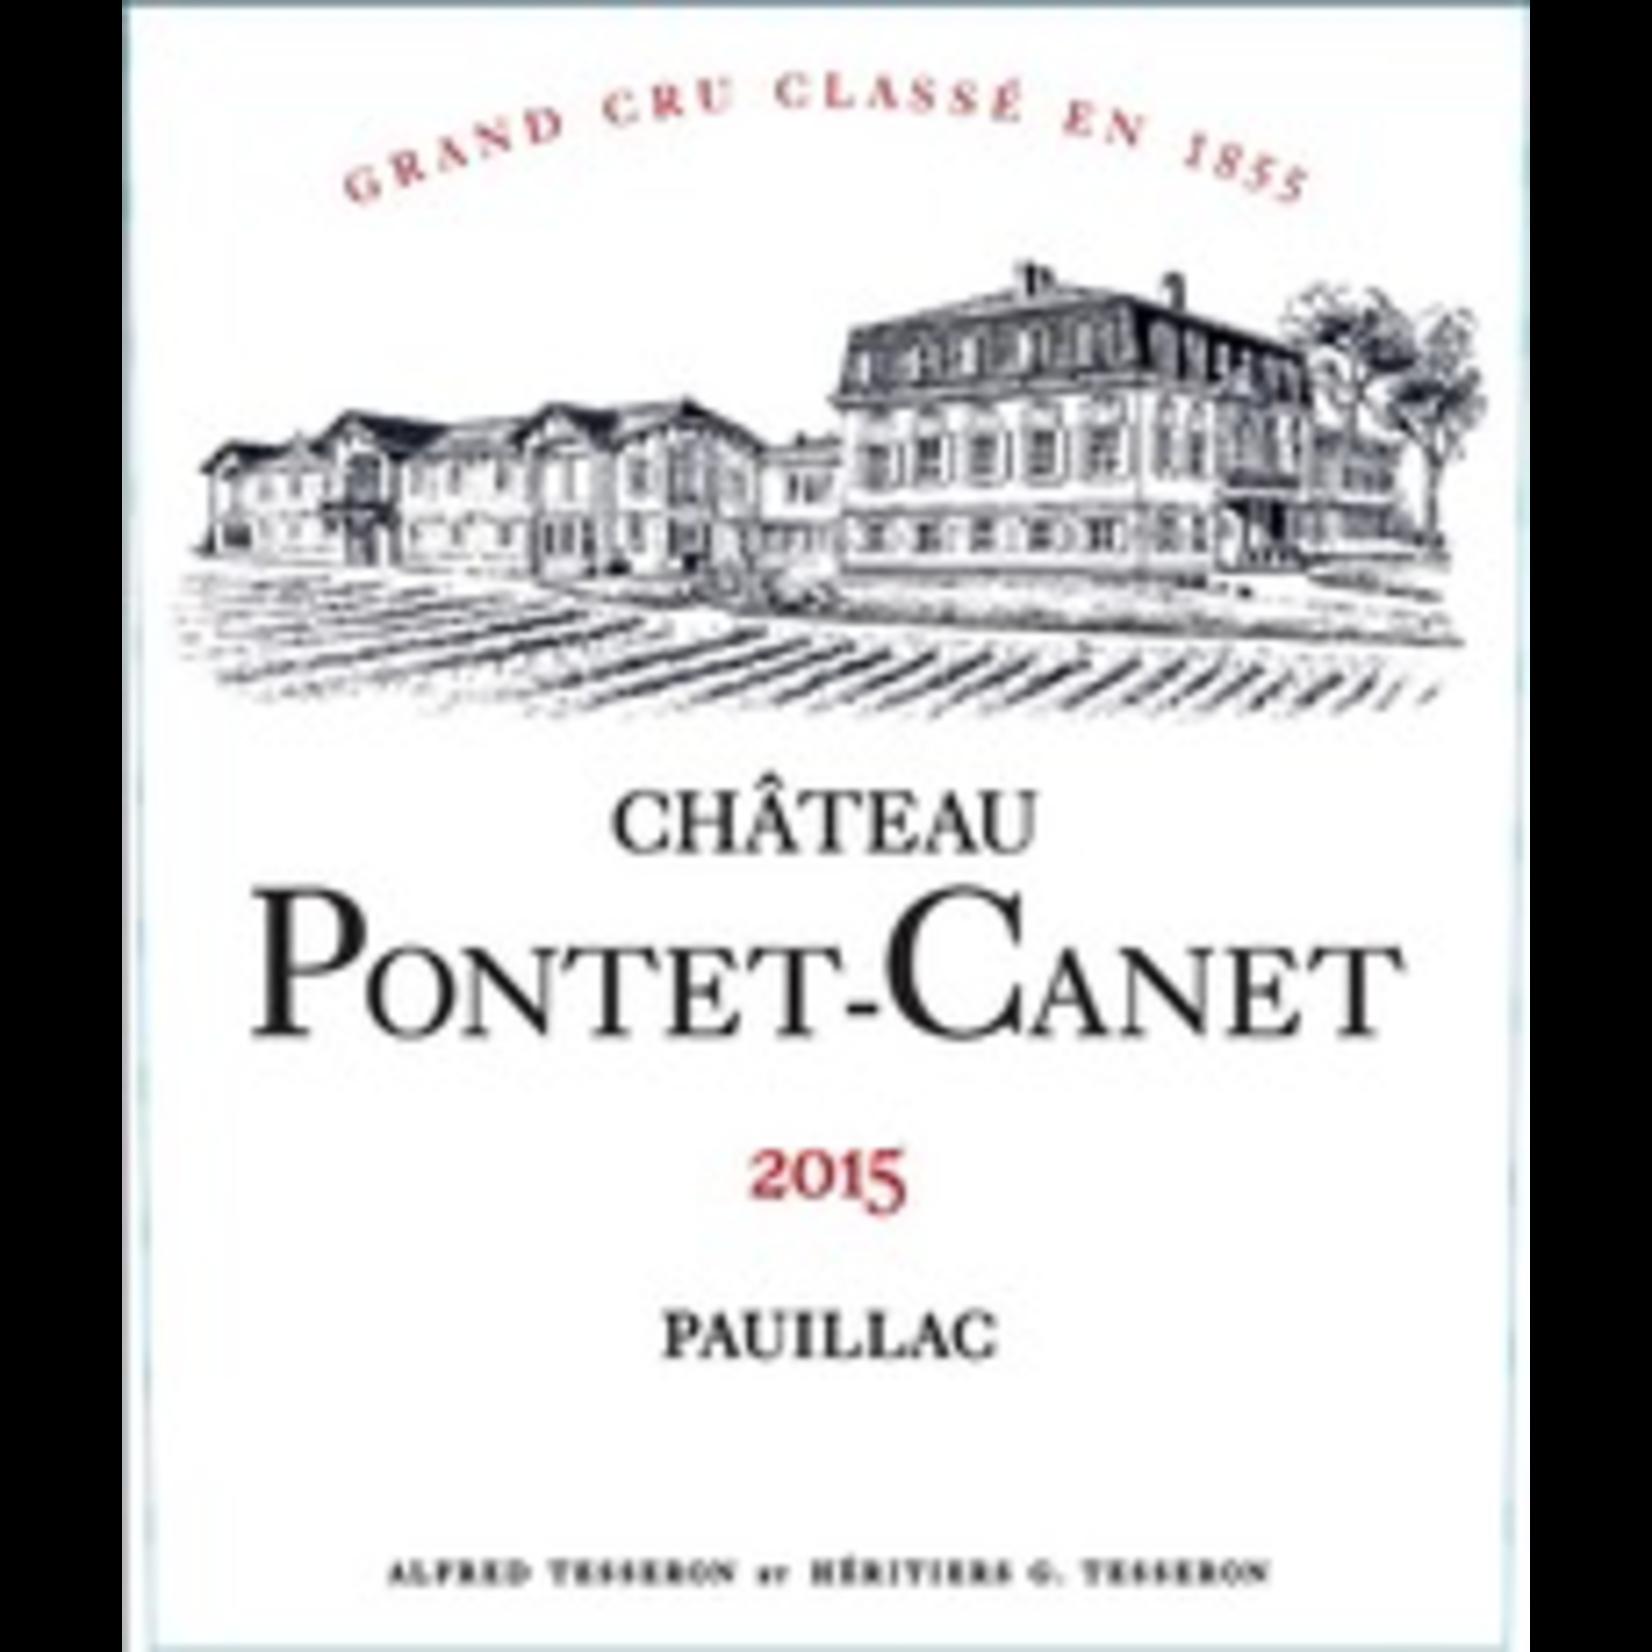 Chateau Pontet Canet Pauillac 2015